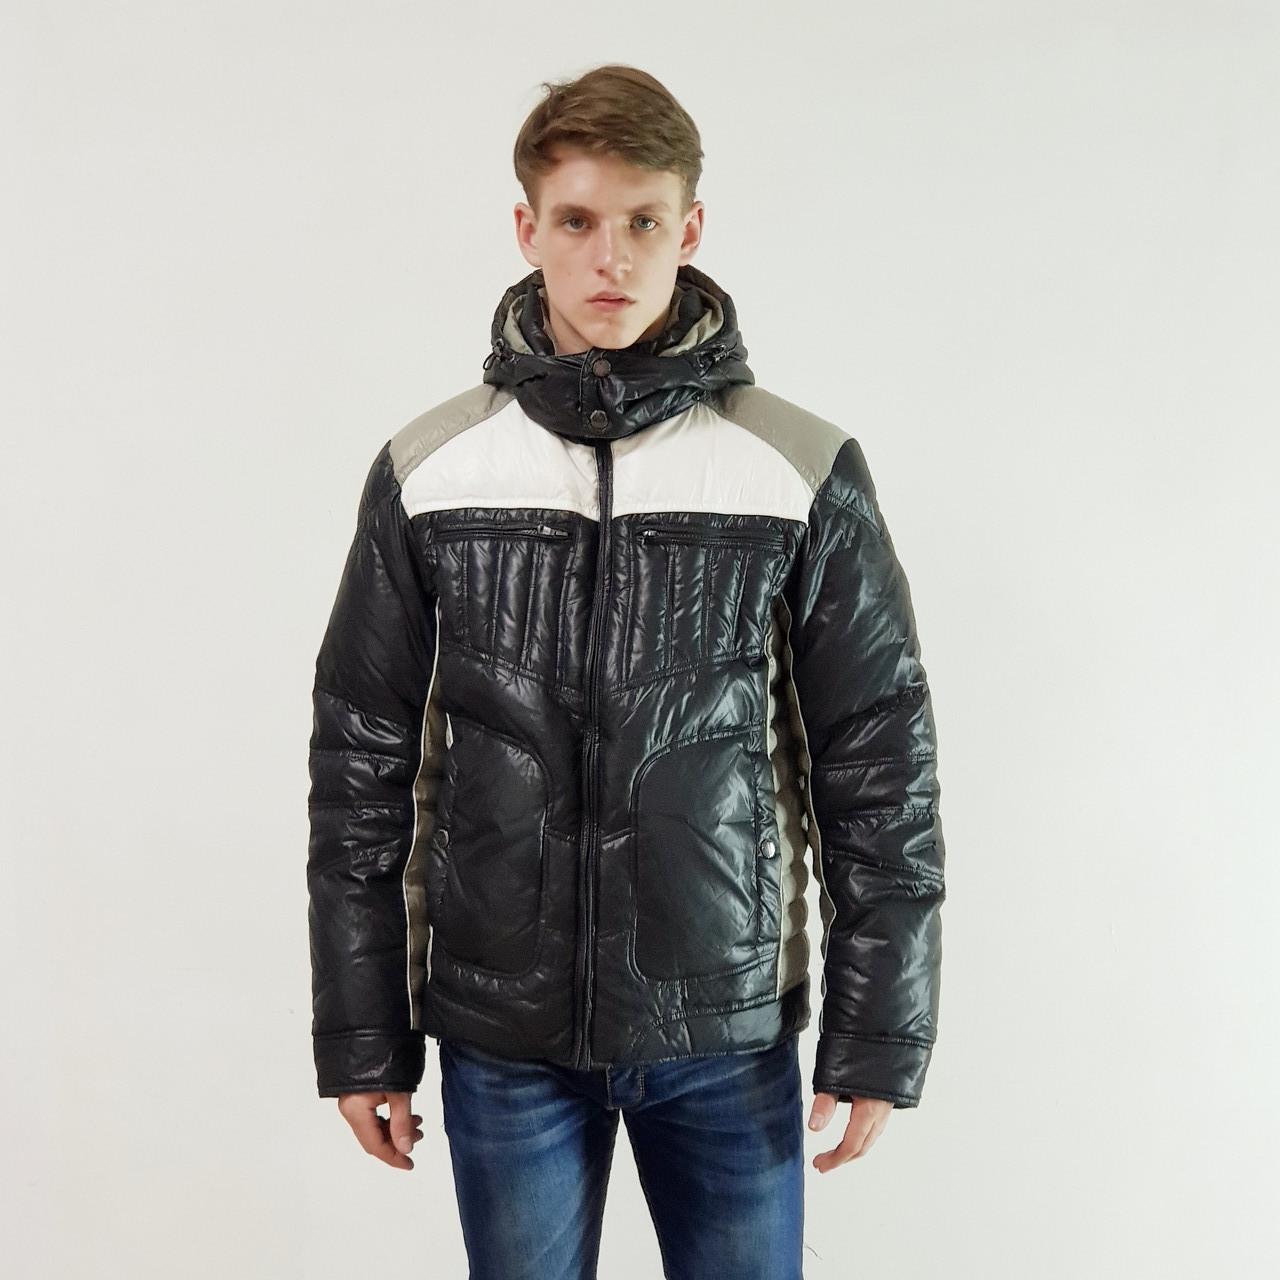 Куртка мужская зимняя Snowimage 54 черный 126-91